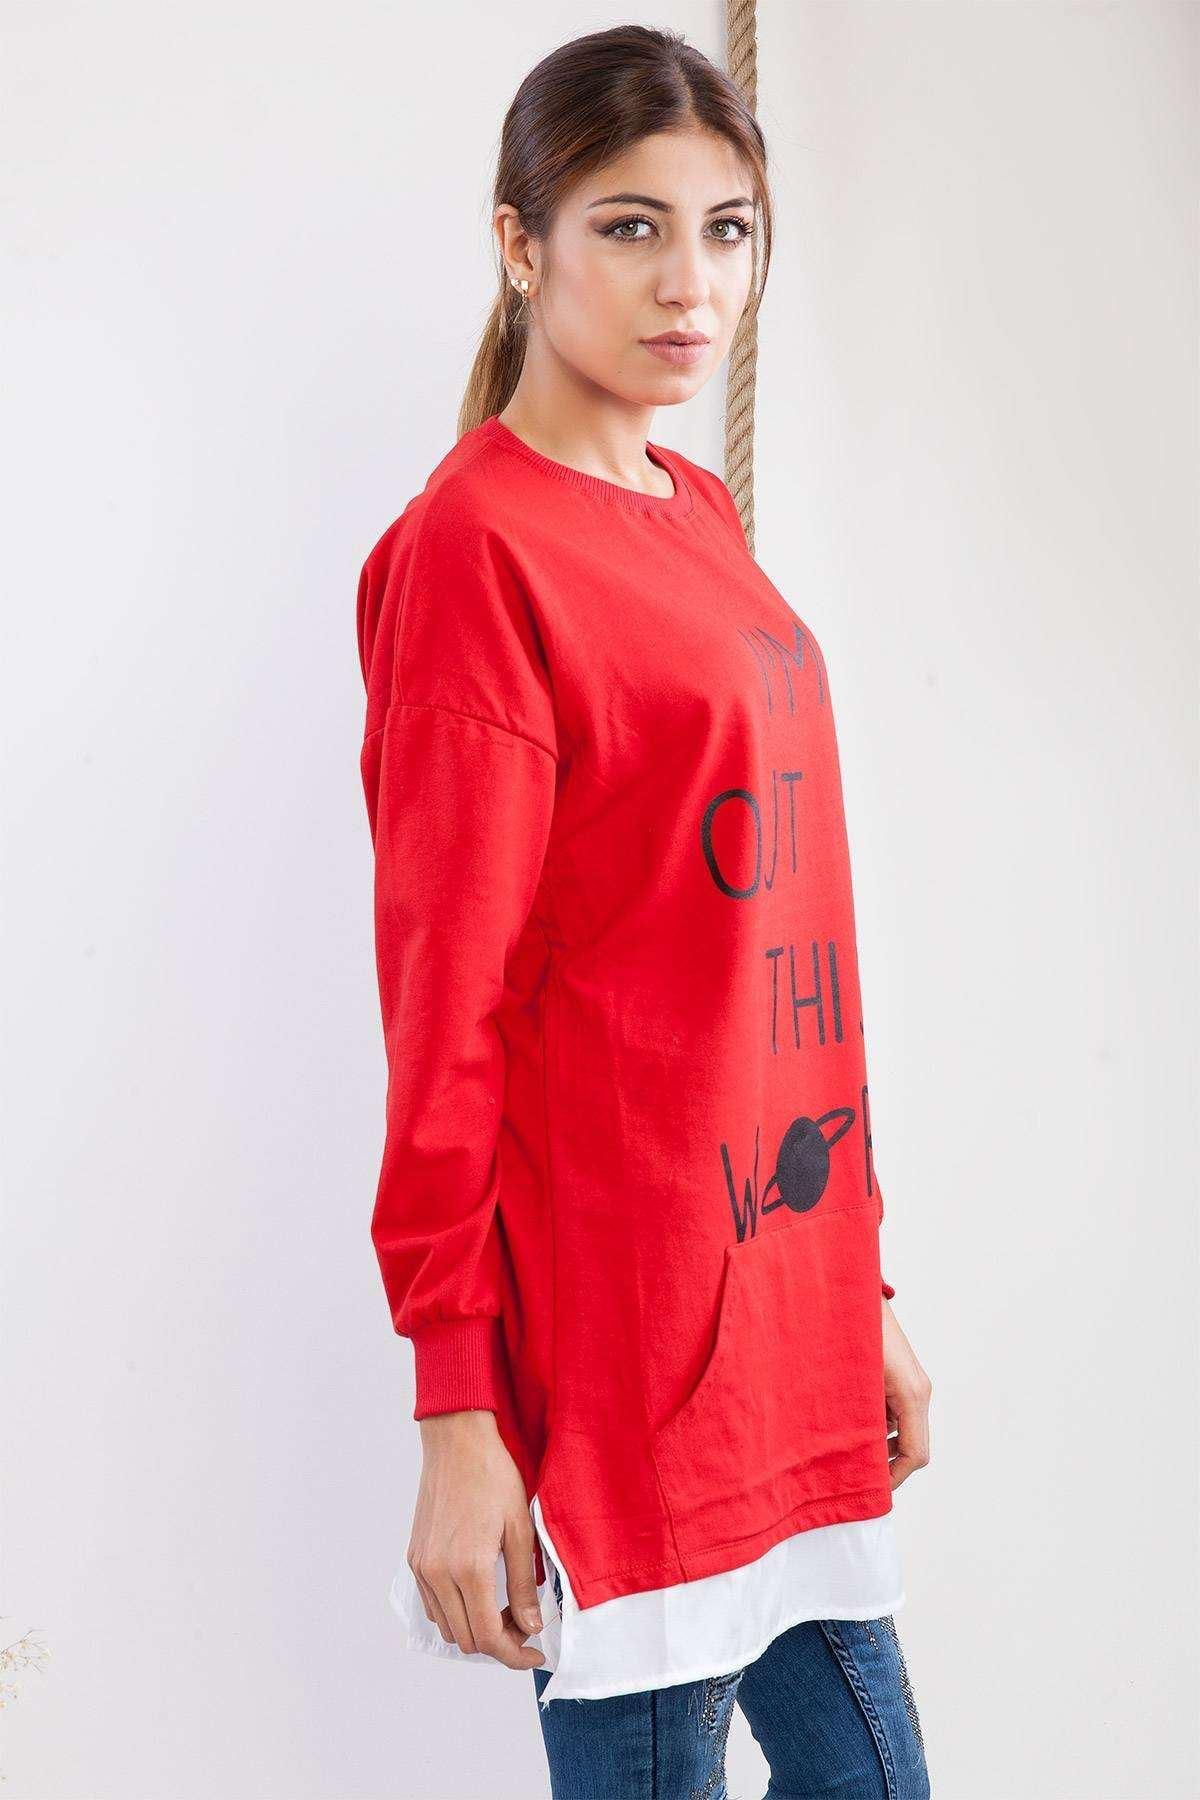 Yazı Baskılı Altı Detaylı Tunik Kırmızı